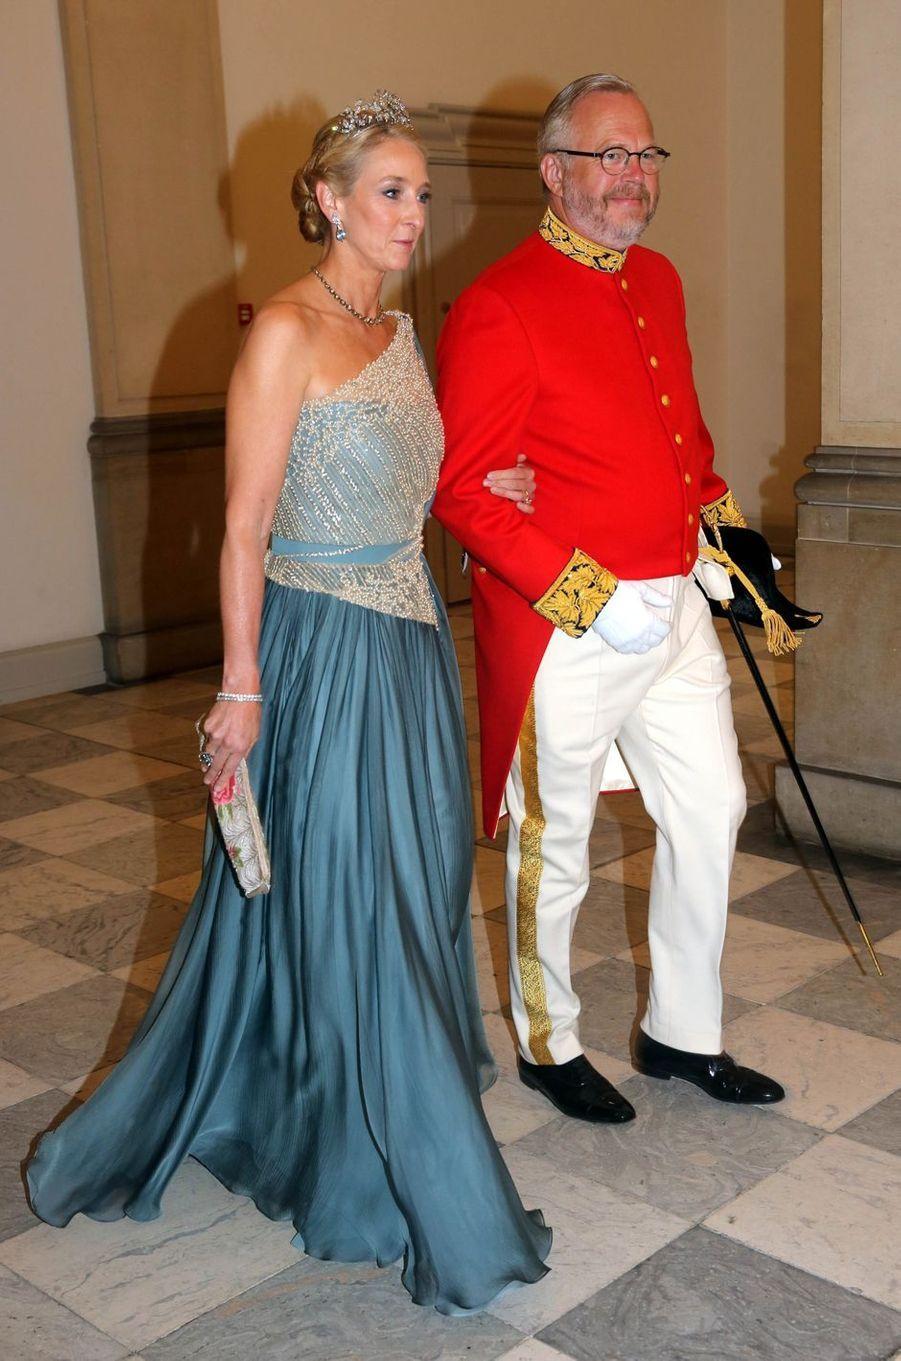 La princesse Alexandra (fille de la princesse Benedikte de Danemark) et son ami le conte Michael Ahlefeldt-Laurvig à Copenhague, le 26 mai 2018